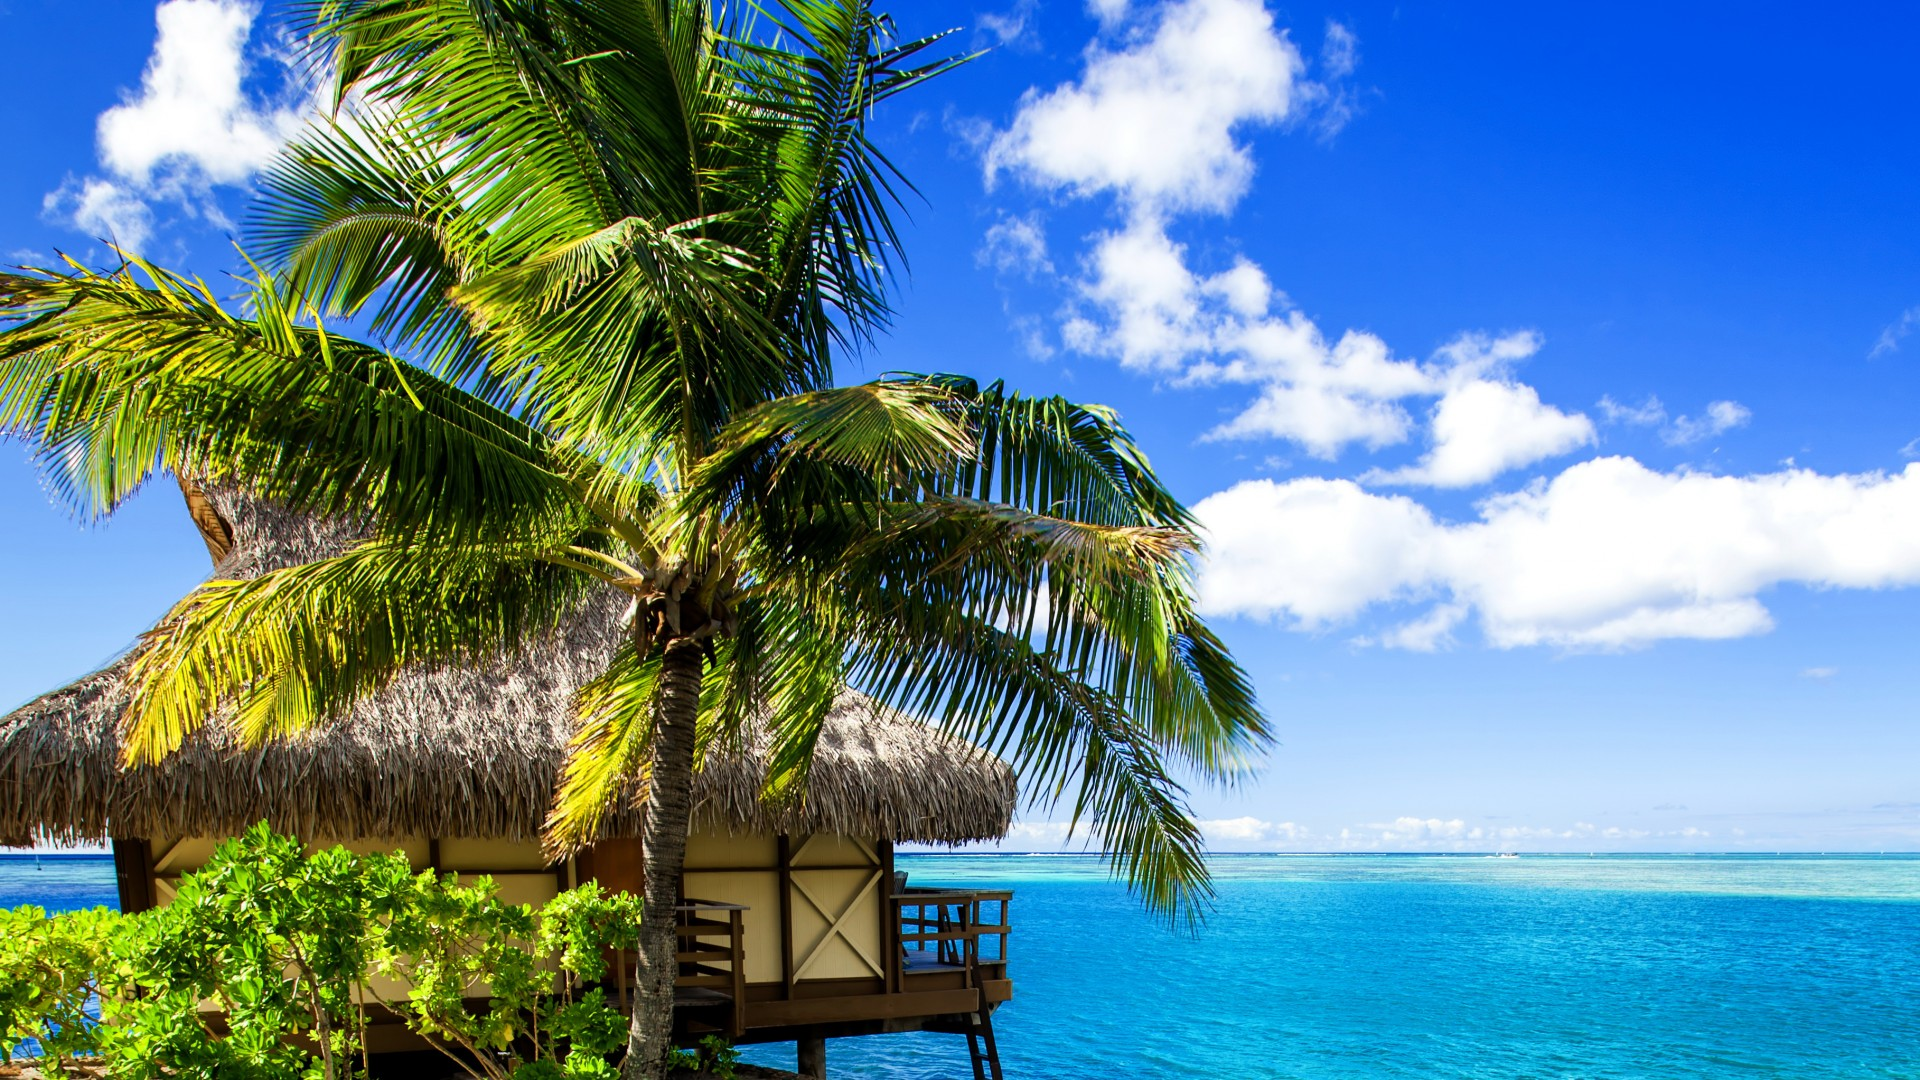 Wallpaper Maldives 4k Hd Wallpaper Holidays Vacation Travel